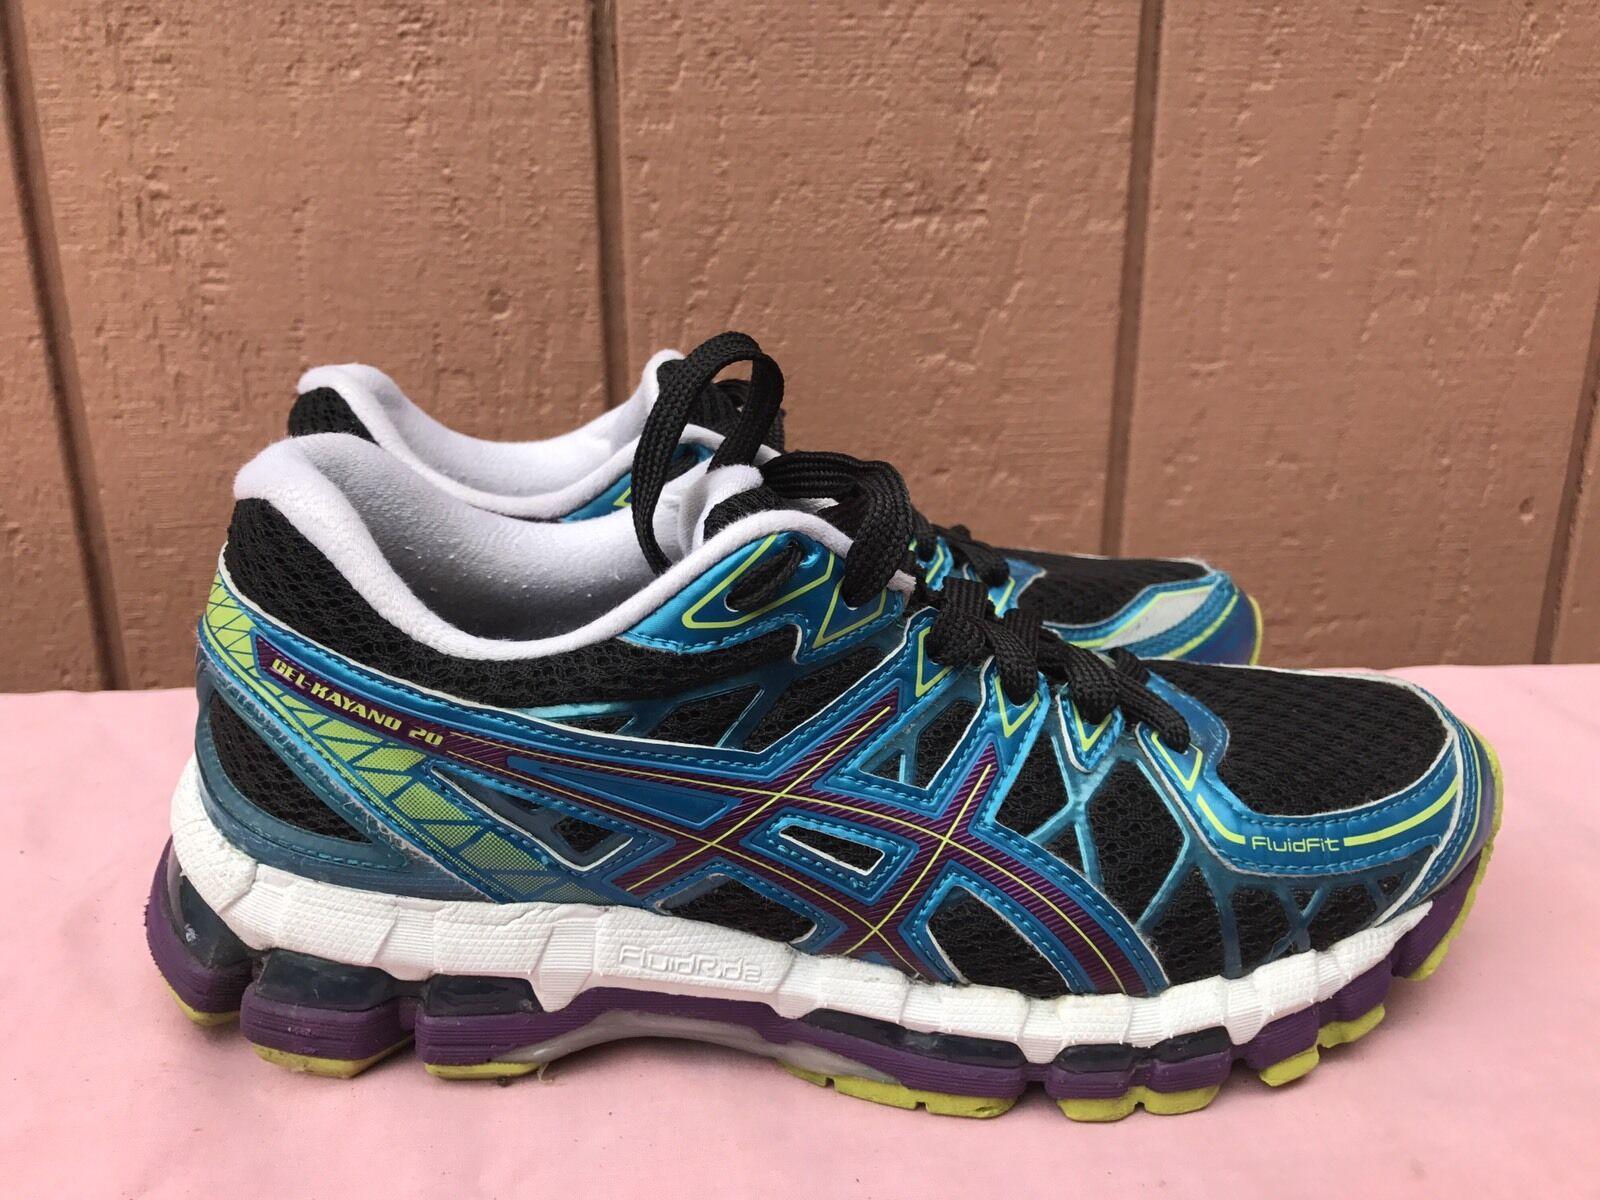 Usado en en en excelente estado ASICS Mujeres Gel-Kayano 20 Negro T3N7N Atlético Zapatillas Zapatos Correr Talla 8 de EE. UU.  primera vez respuesta